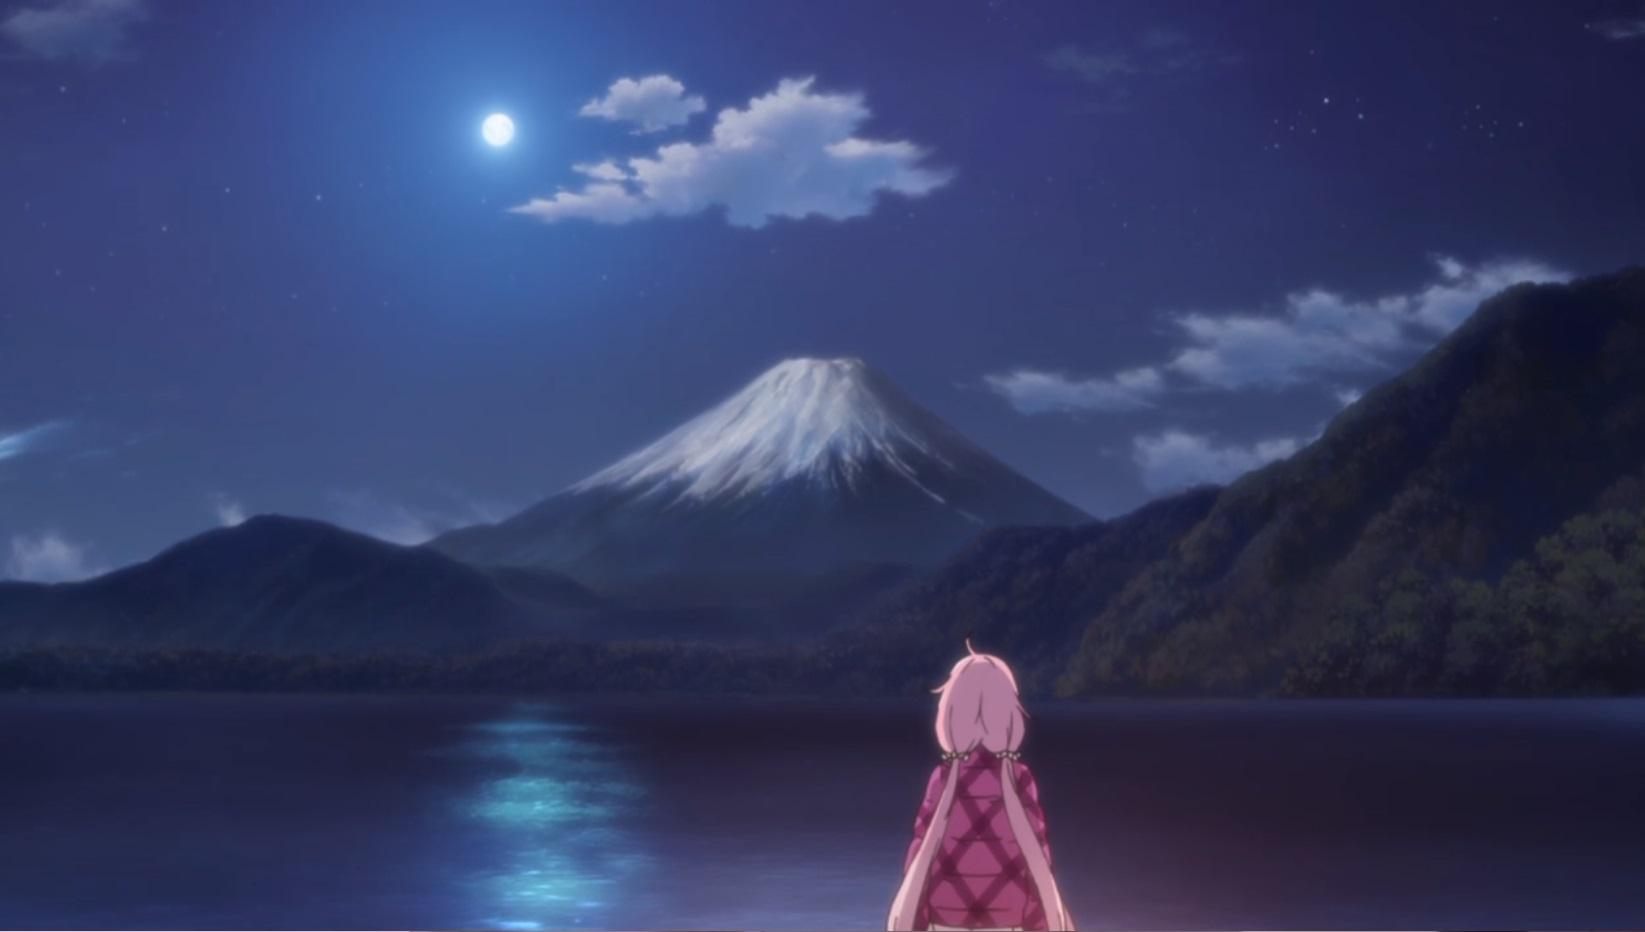 アニメ『ゆるキャン△』1話の本栖湖からの富士山